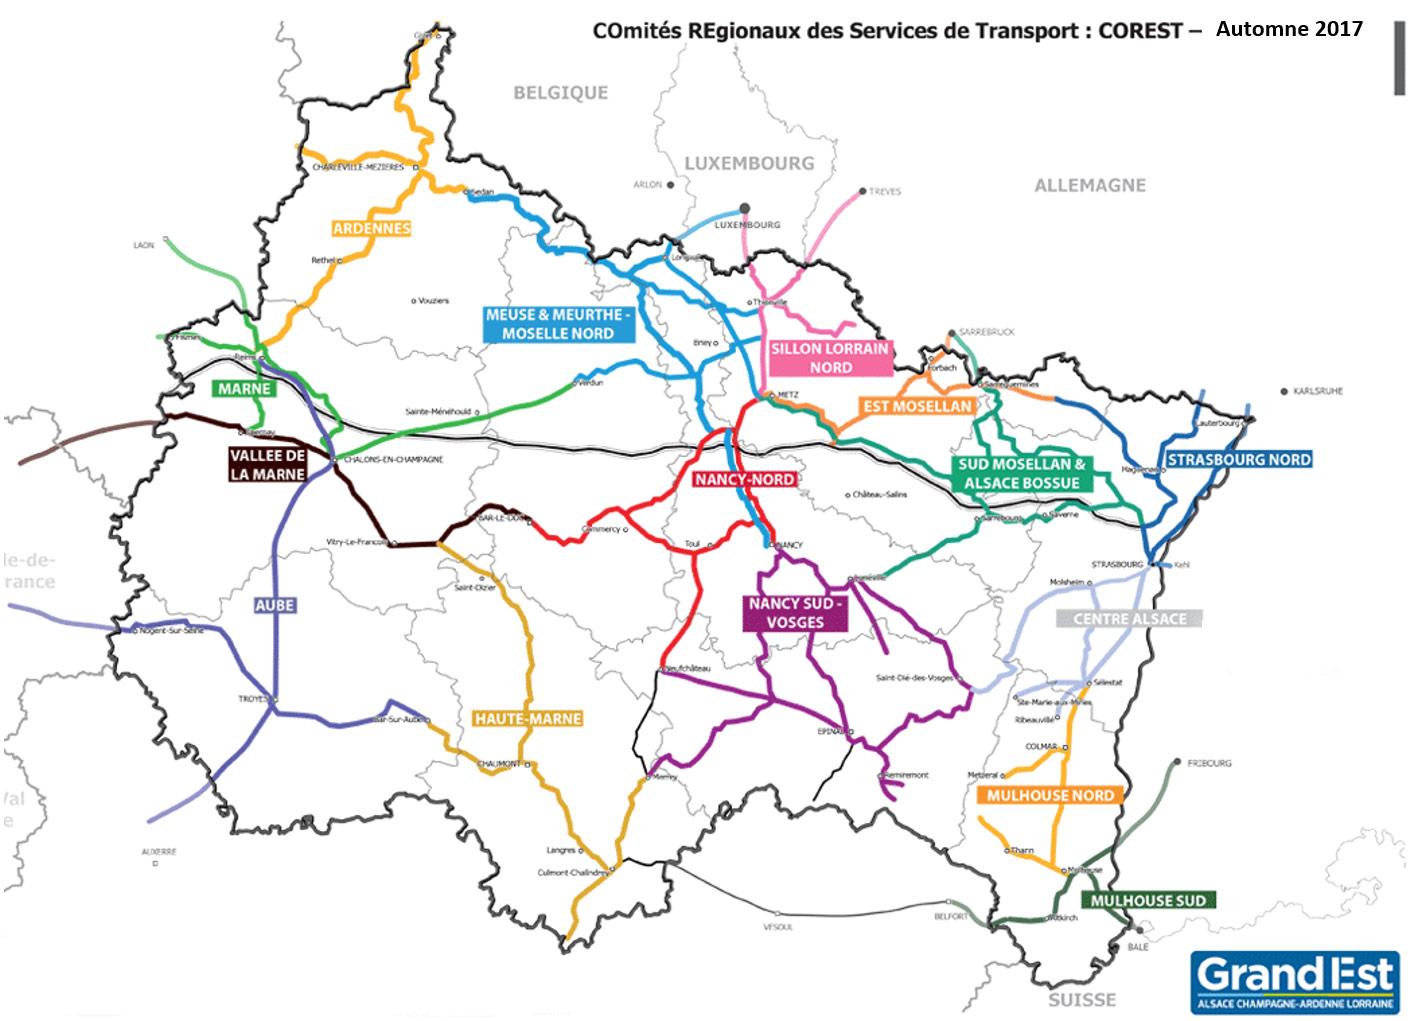 Carte Alsace Sncf.Comites Regionaux Des Services De Transport Corest Grandest